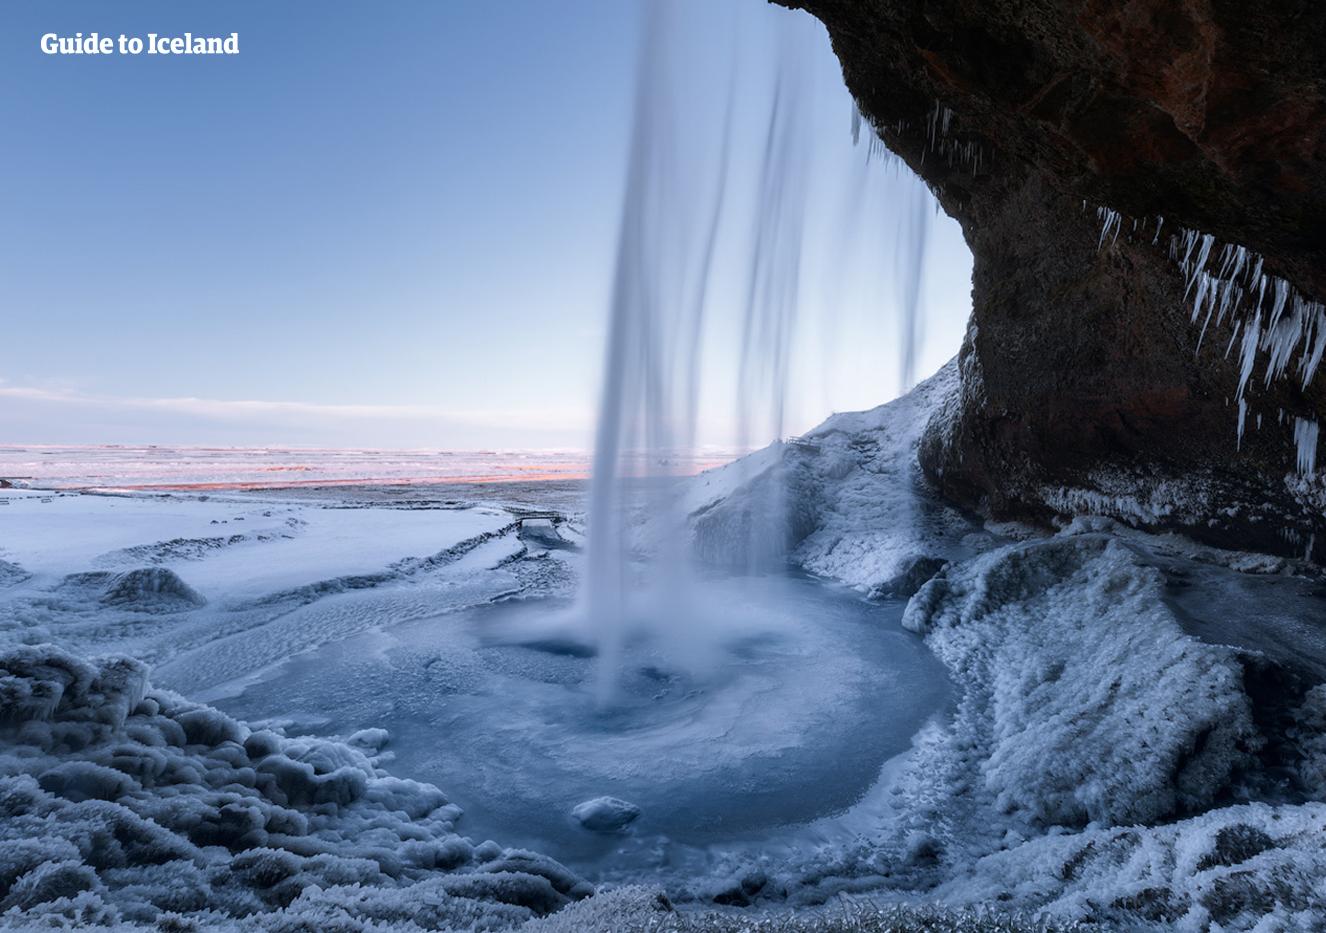 Mroźny widok zza kaskadowej wody przy wodospadzie Seljalandsfoss na południowym wybrzeżu Islandii.